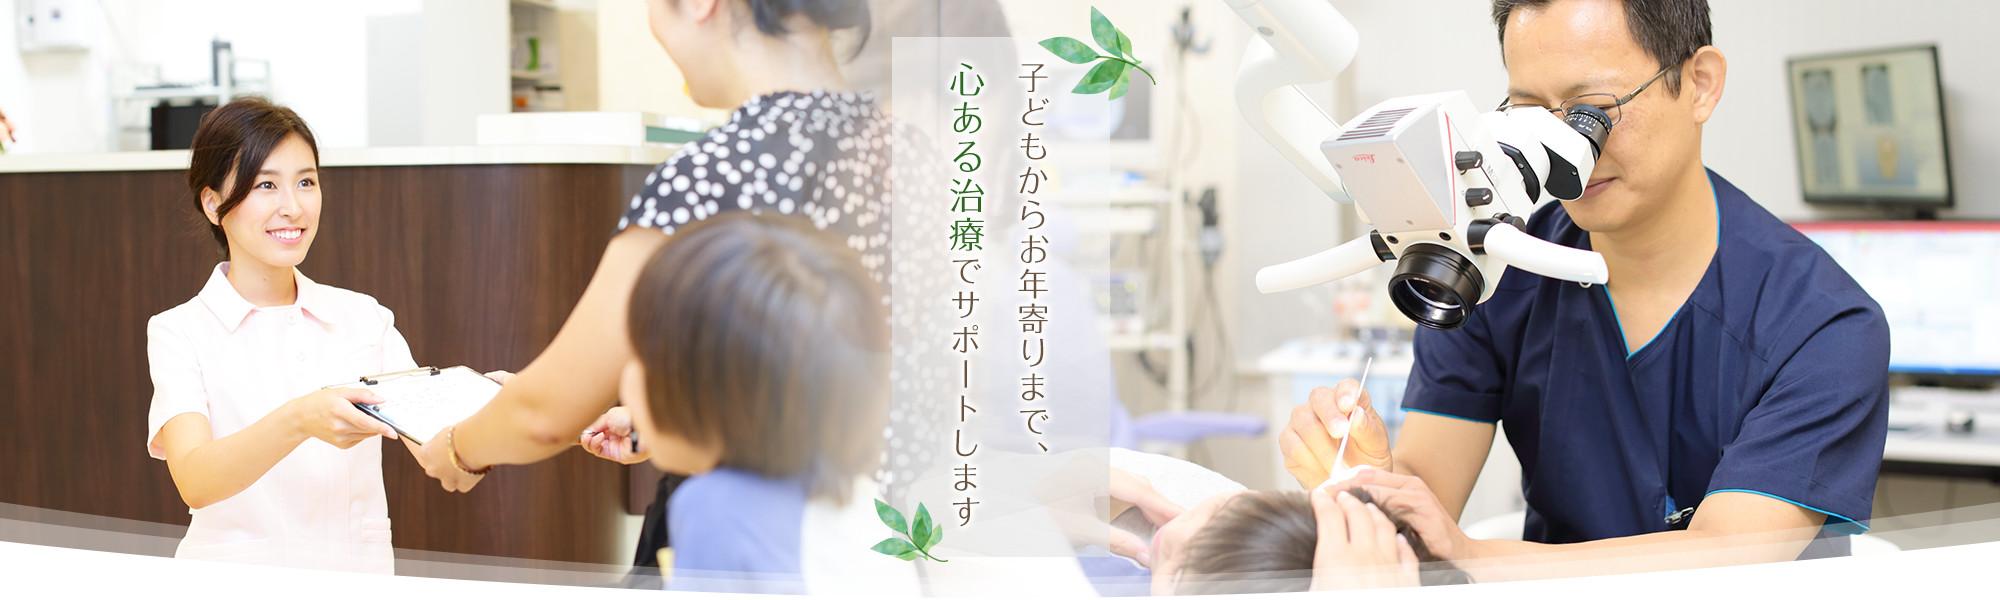 子どもからお年寄りまで、心ある治療でサポートします